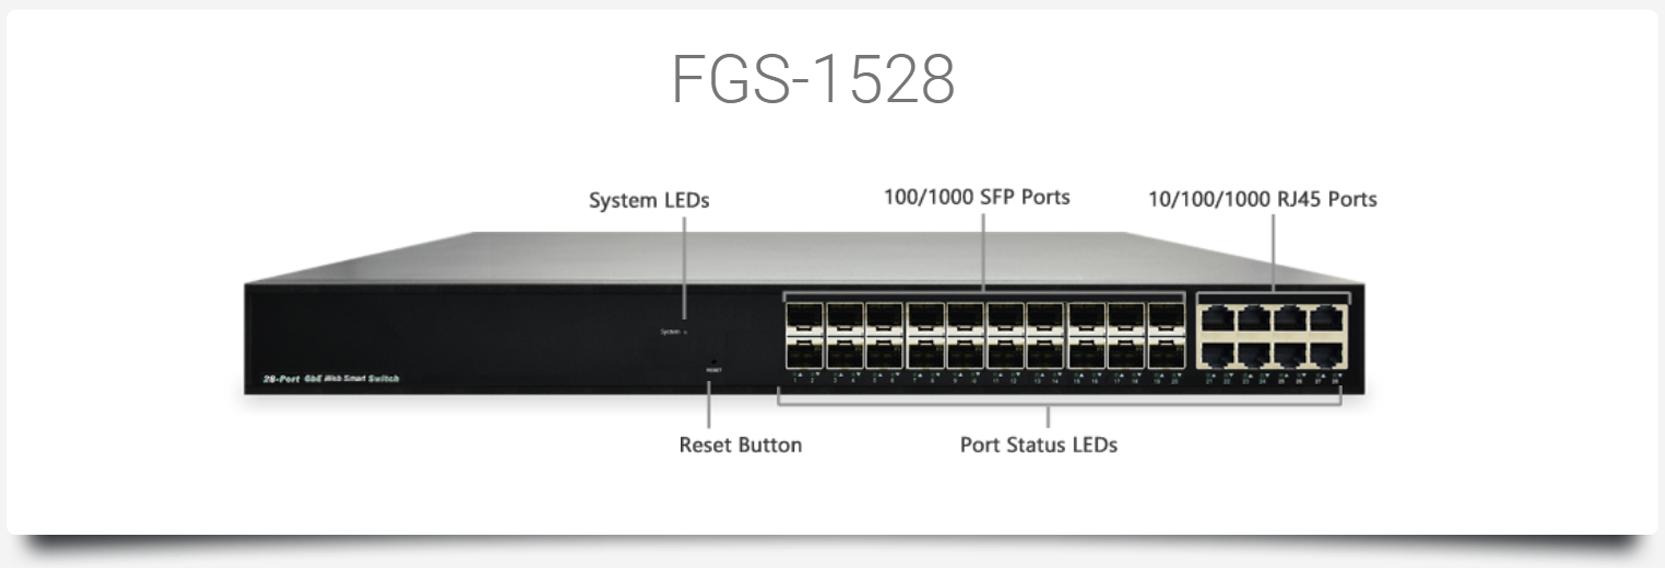 FGS-1528